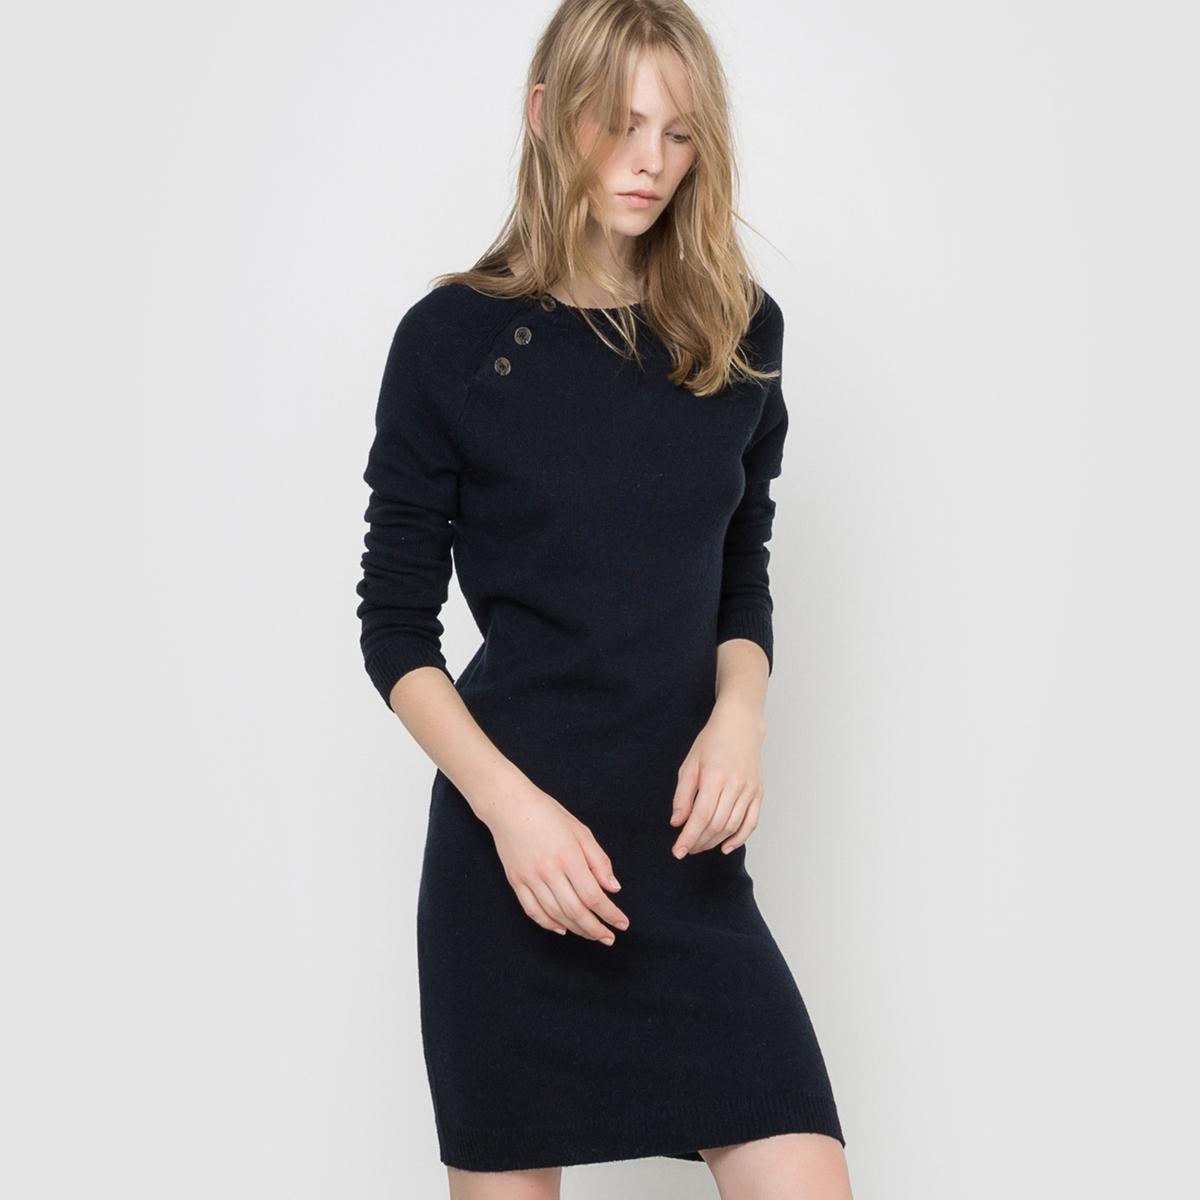 Платье-пуловер однотонное 50% шерстиПлатье-пуловер однотонное . Длинные рукава. Круглый вырез. Пройма рукава-реглан на пуговицах с каждой стороны . Края выреза, манжет и низа связаны в рубчик  . Длина 92 см.Состав и описаниеМатериал           50% шерсти ягненка, 30% полиамида, 20% вискозыМарка           R Essentiel УходРучная стиркаМашинная сушка запрещенаГладить с изнаночной стороны при умеренной температуре<br><br>Цвет: серый меланж,синий морской<br>Размер: 50/52 (FR) - 56/58 (RUS).50/52 (FR) - 56/58 (RUS)